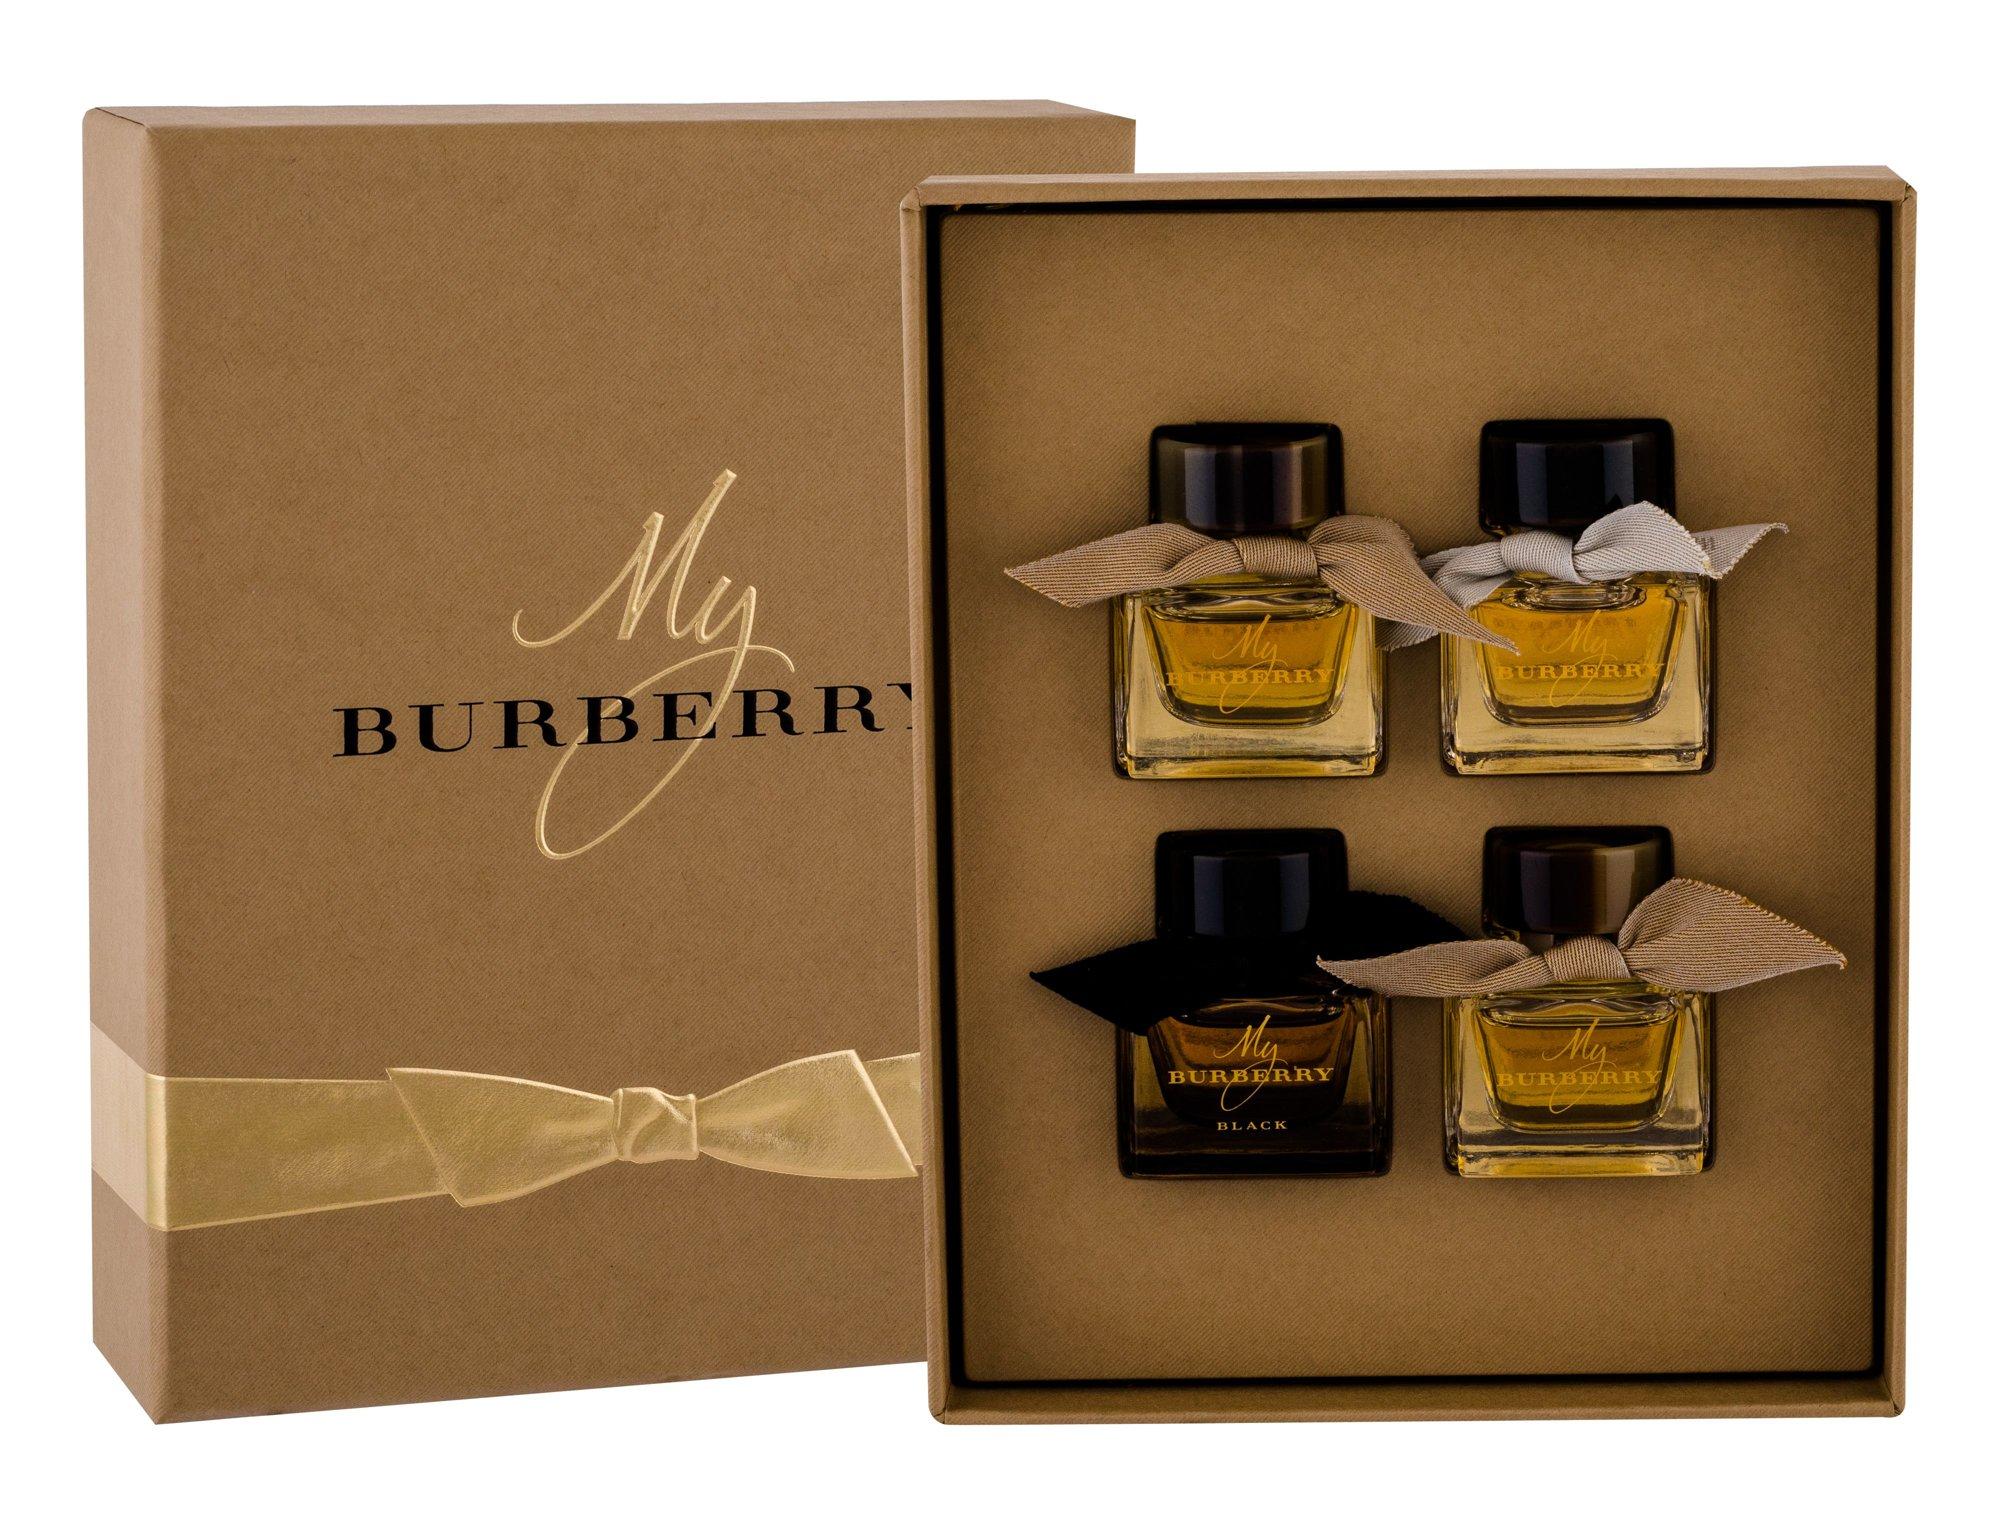 Burberry My Burberry Eau de Parfum 4x5ml